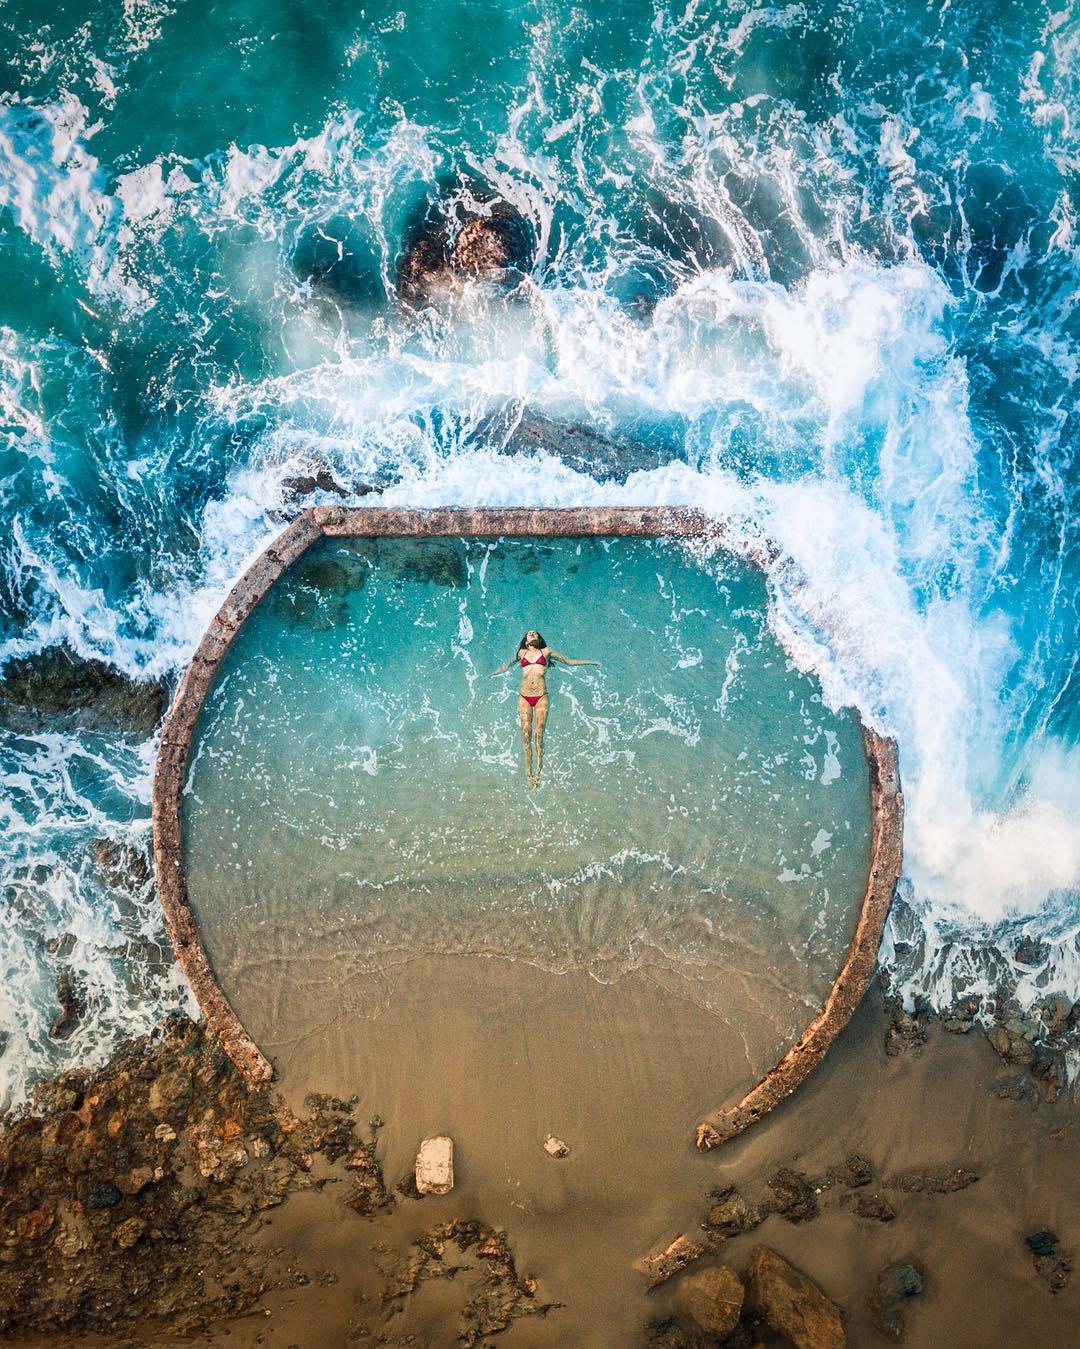 Gli incredibili paesaggi aerei del fotografo Niaz Uddin | Collater.al 4